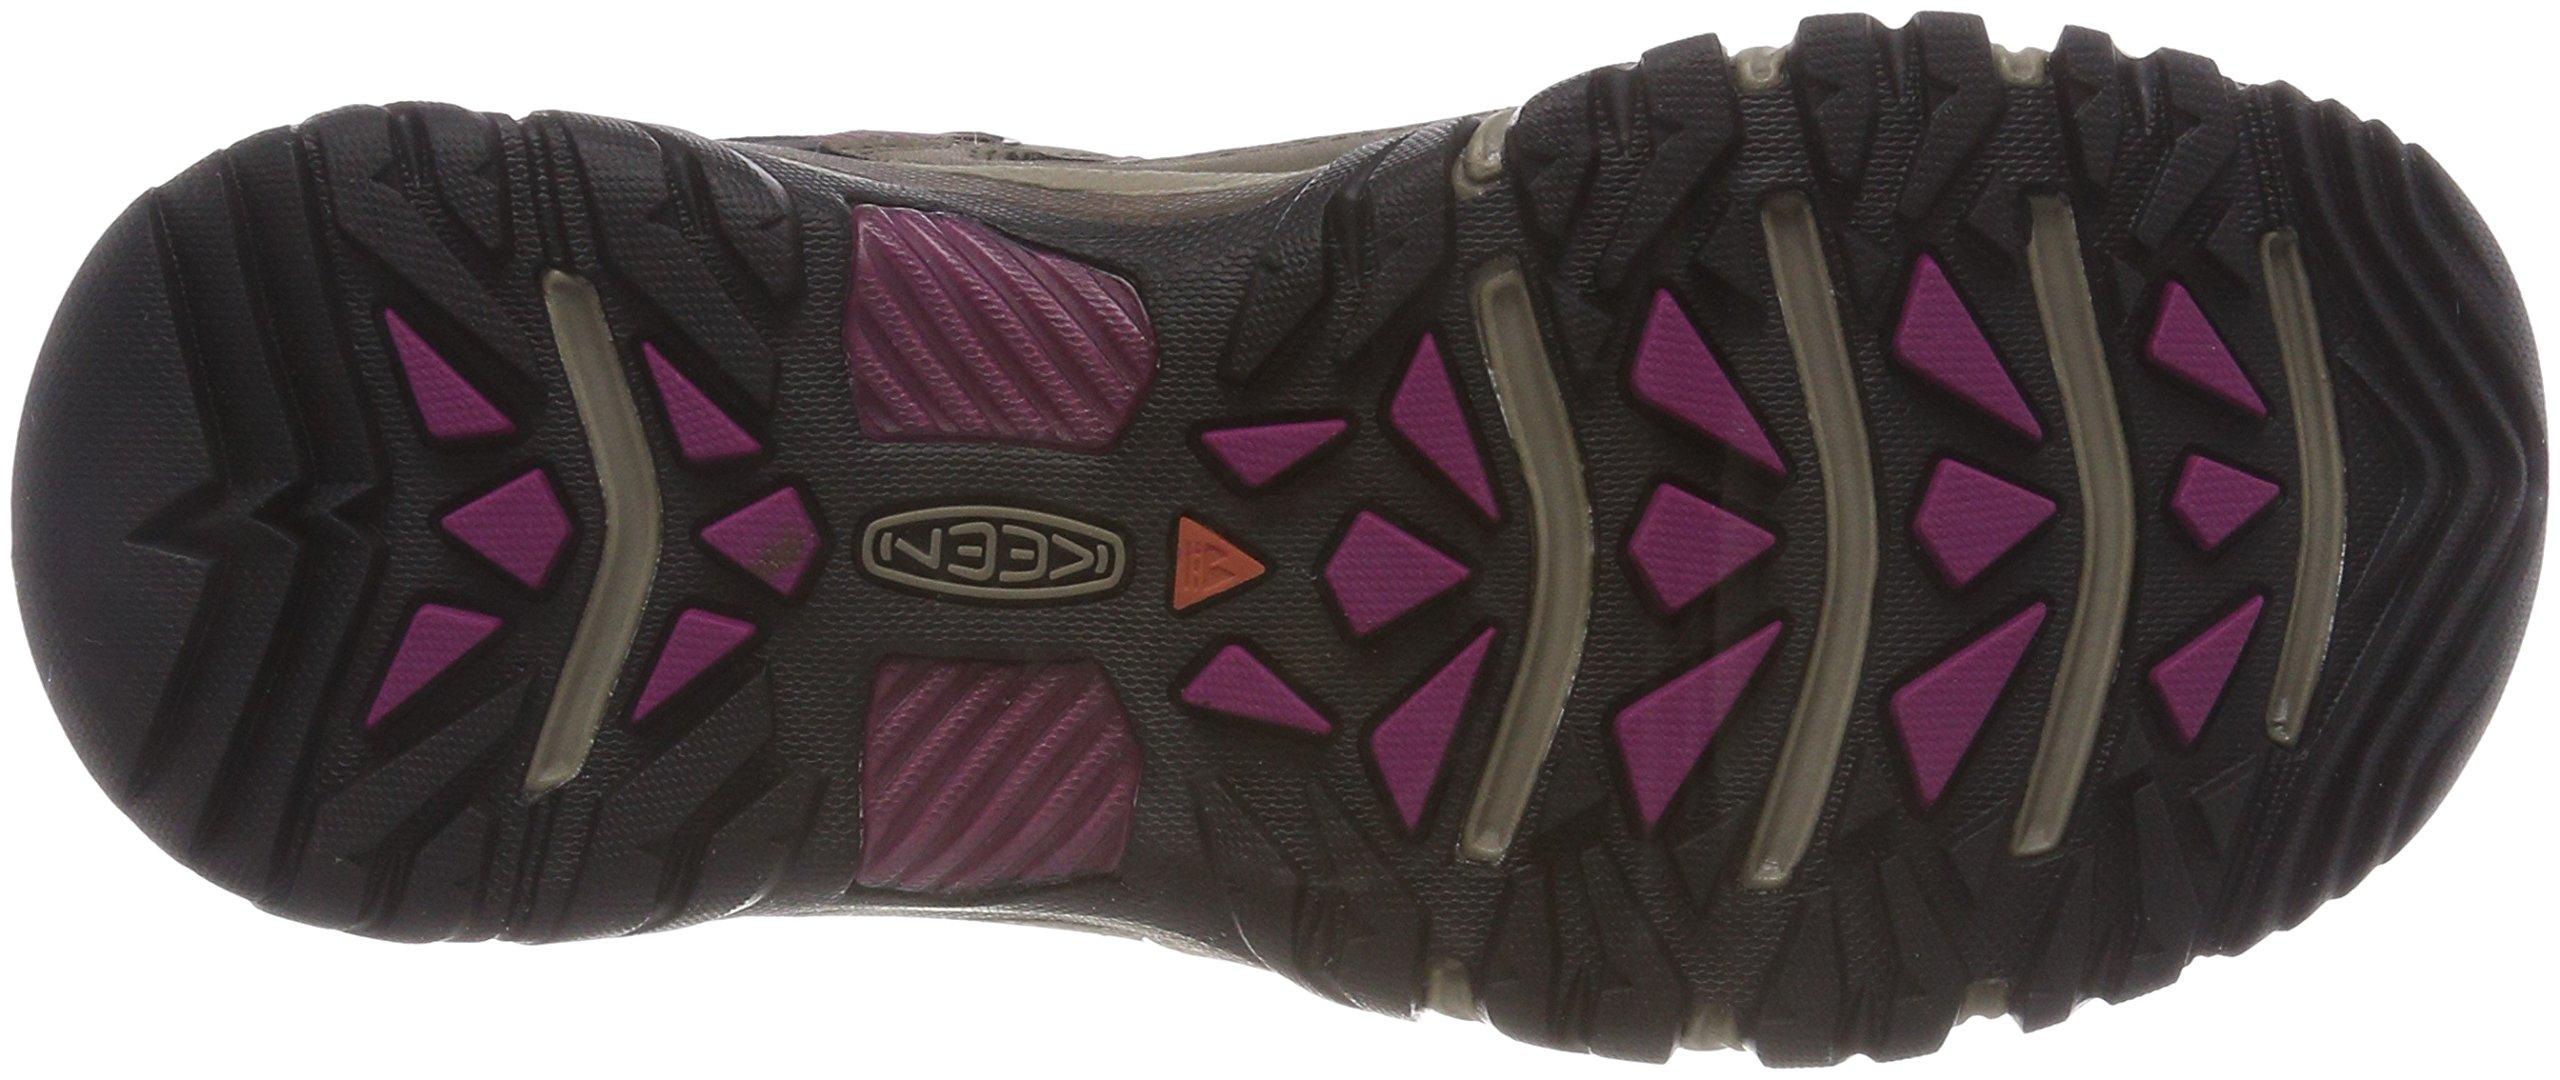 KEEN Women's Targhee Iii Wp Low Rise Hiking Shoes 3